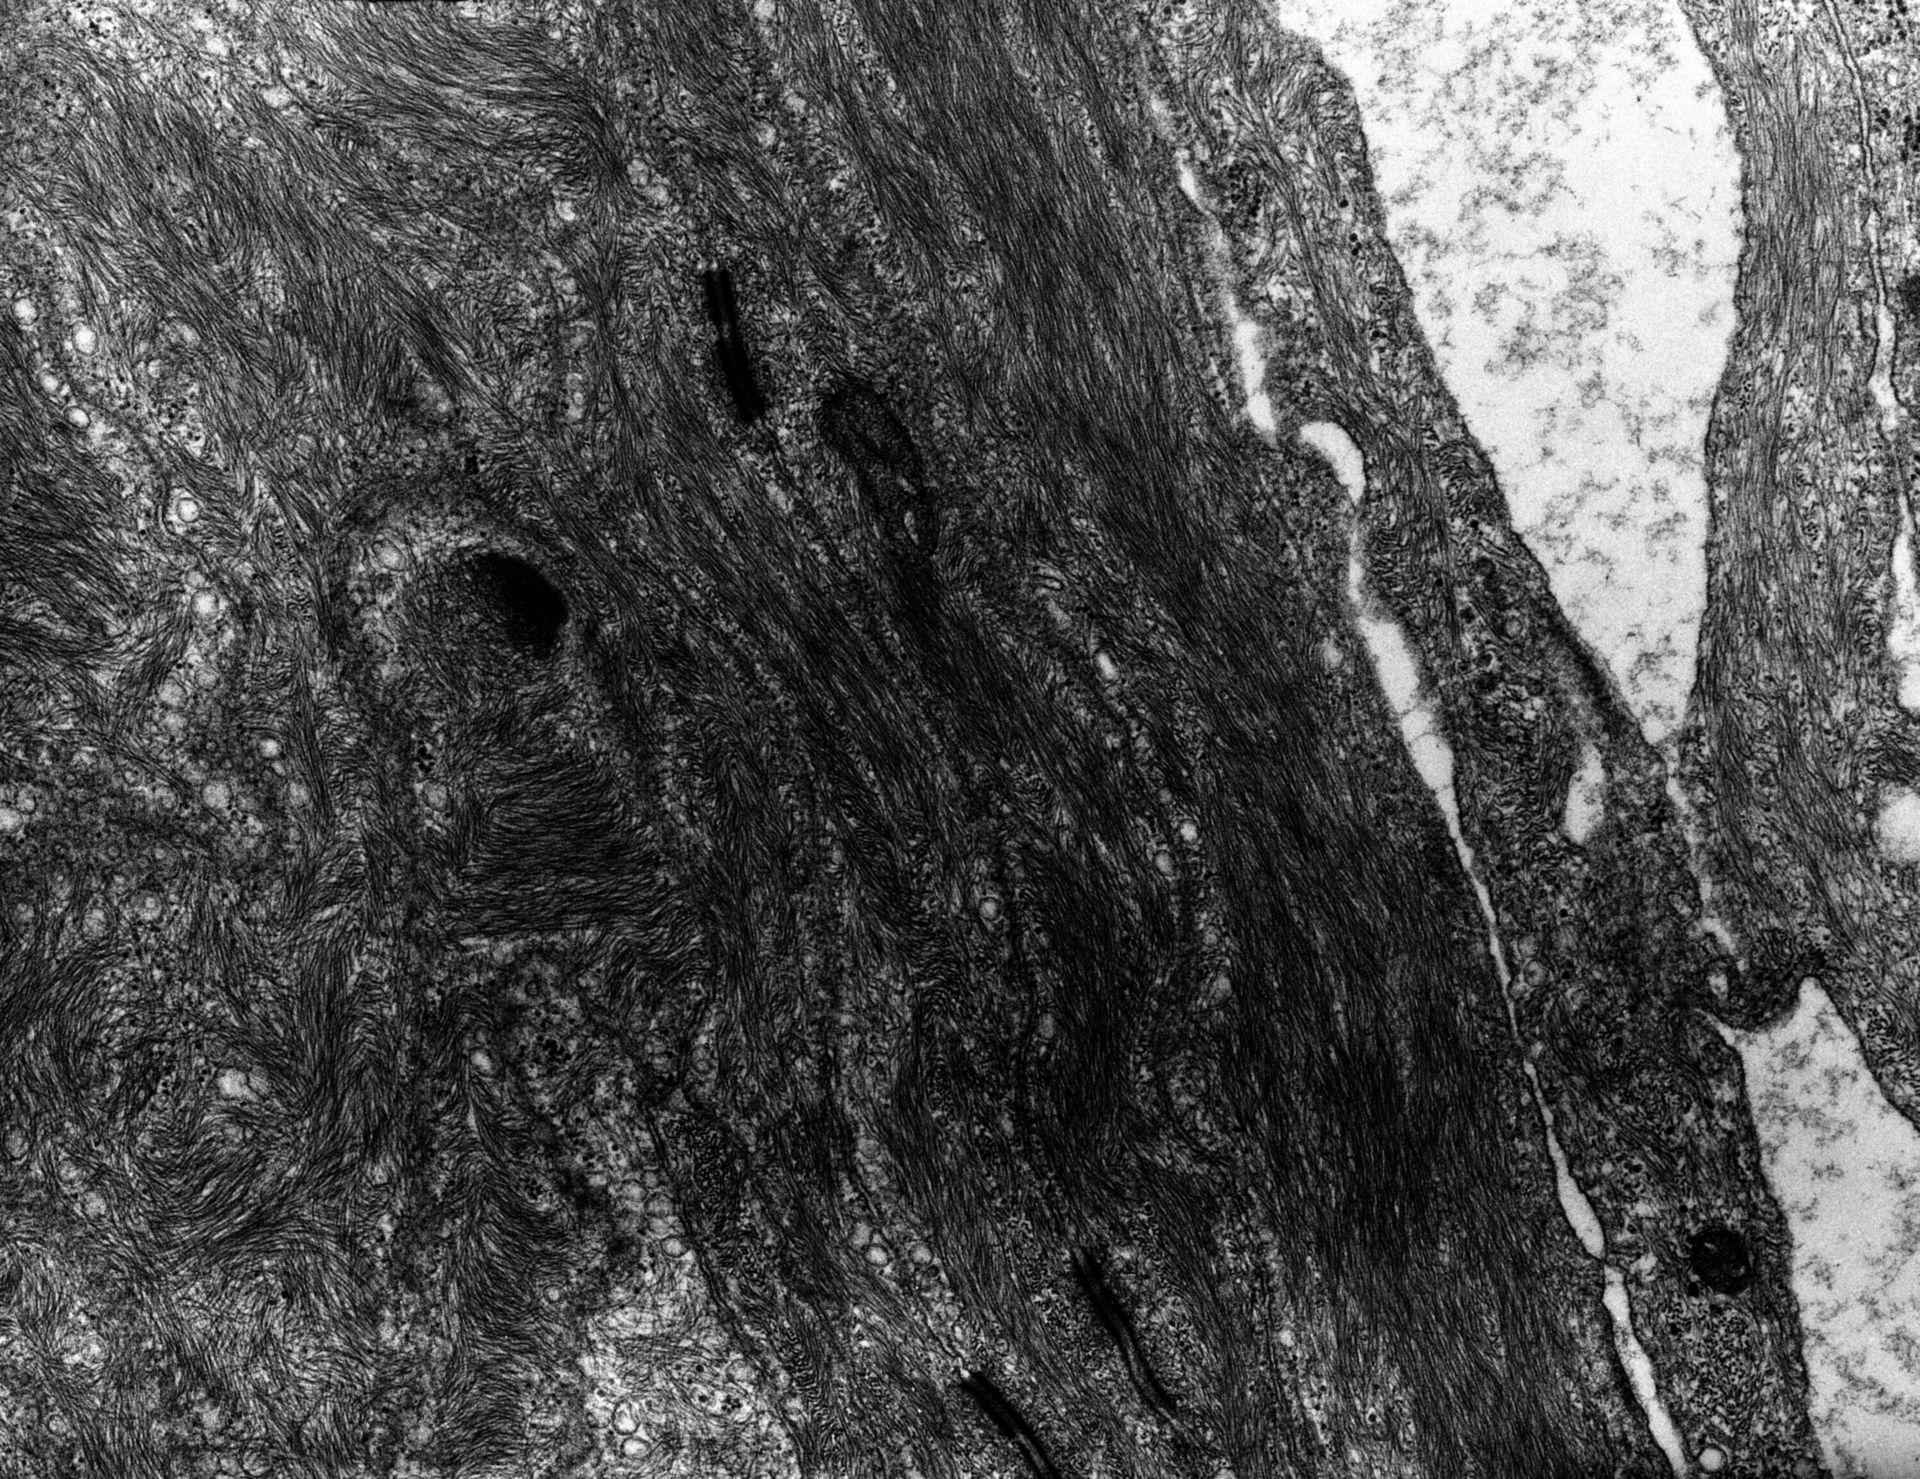 Rana catesbeiana (membrana plasmatica) - CIL:9303